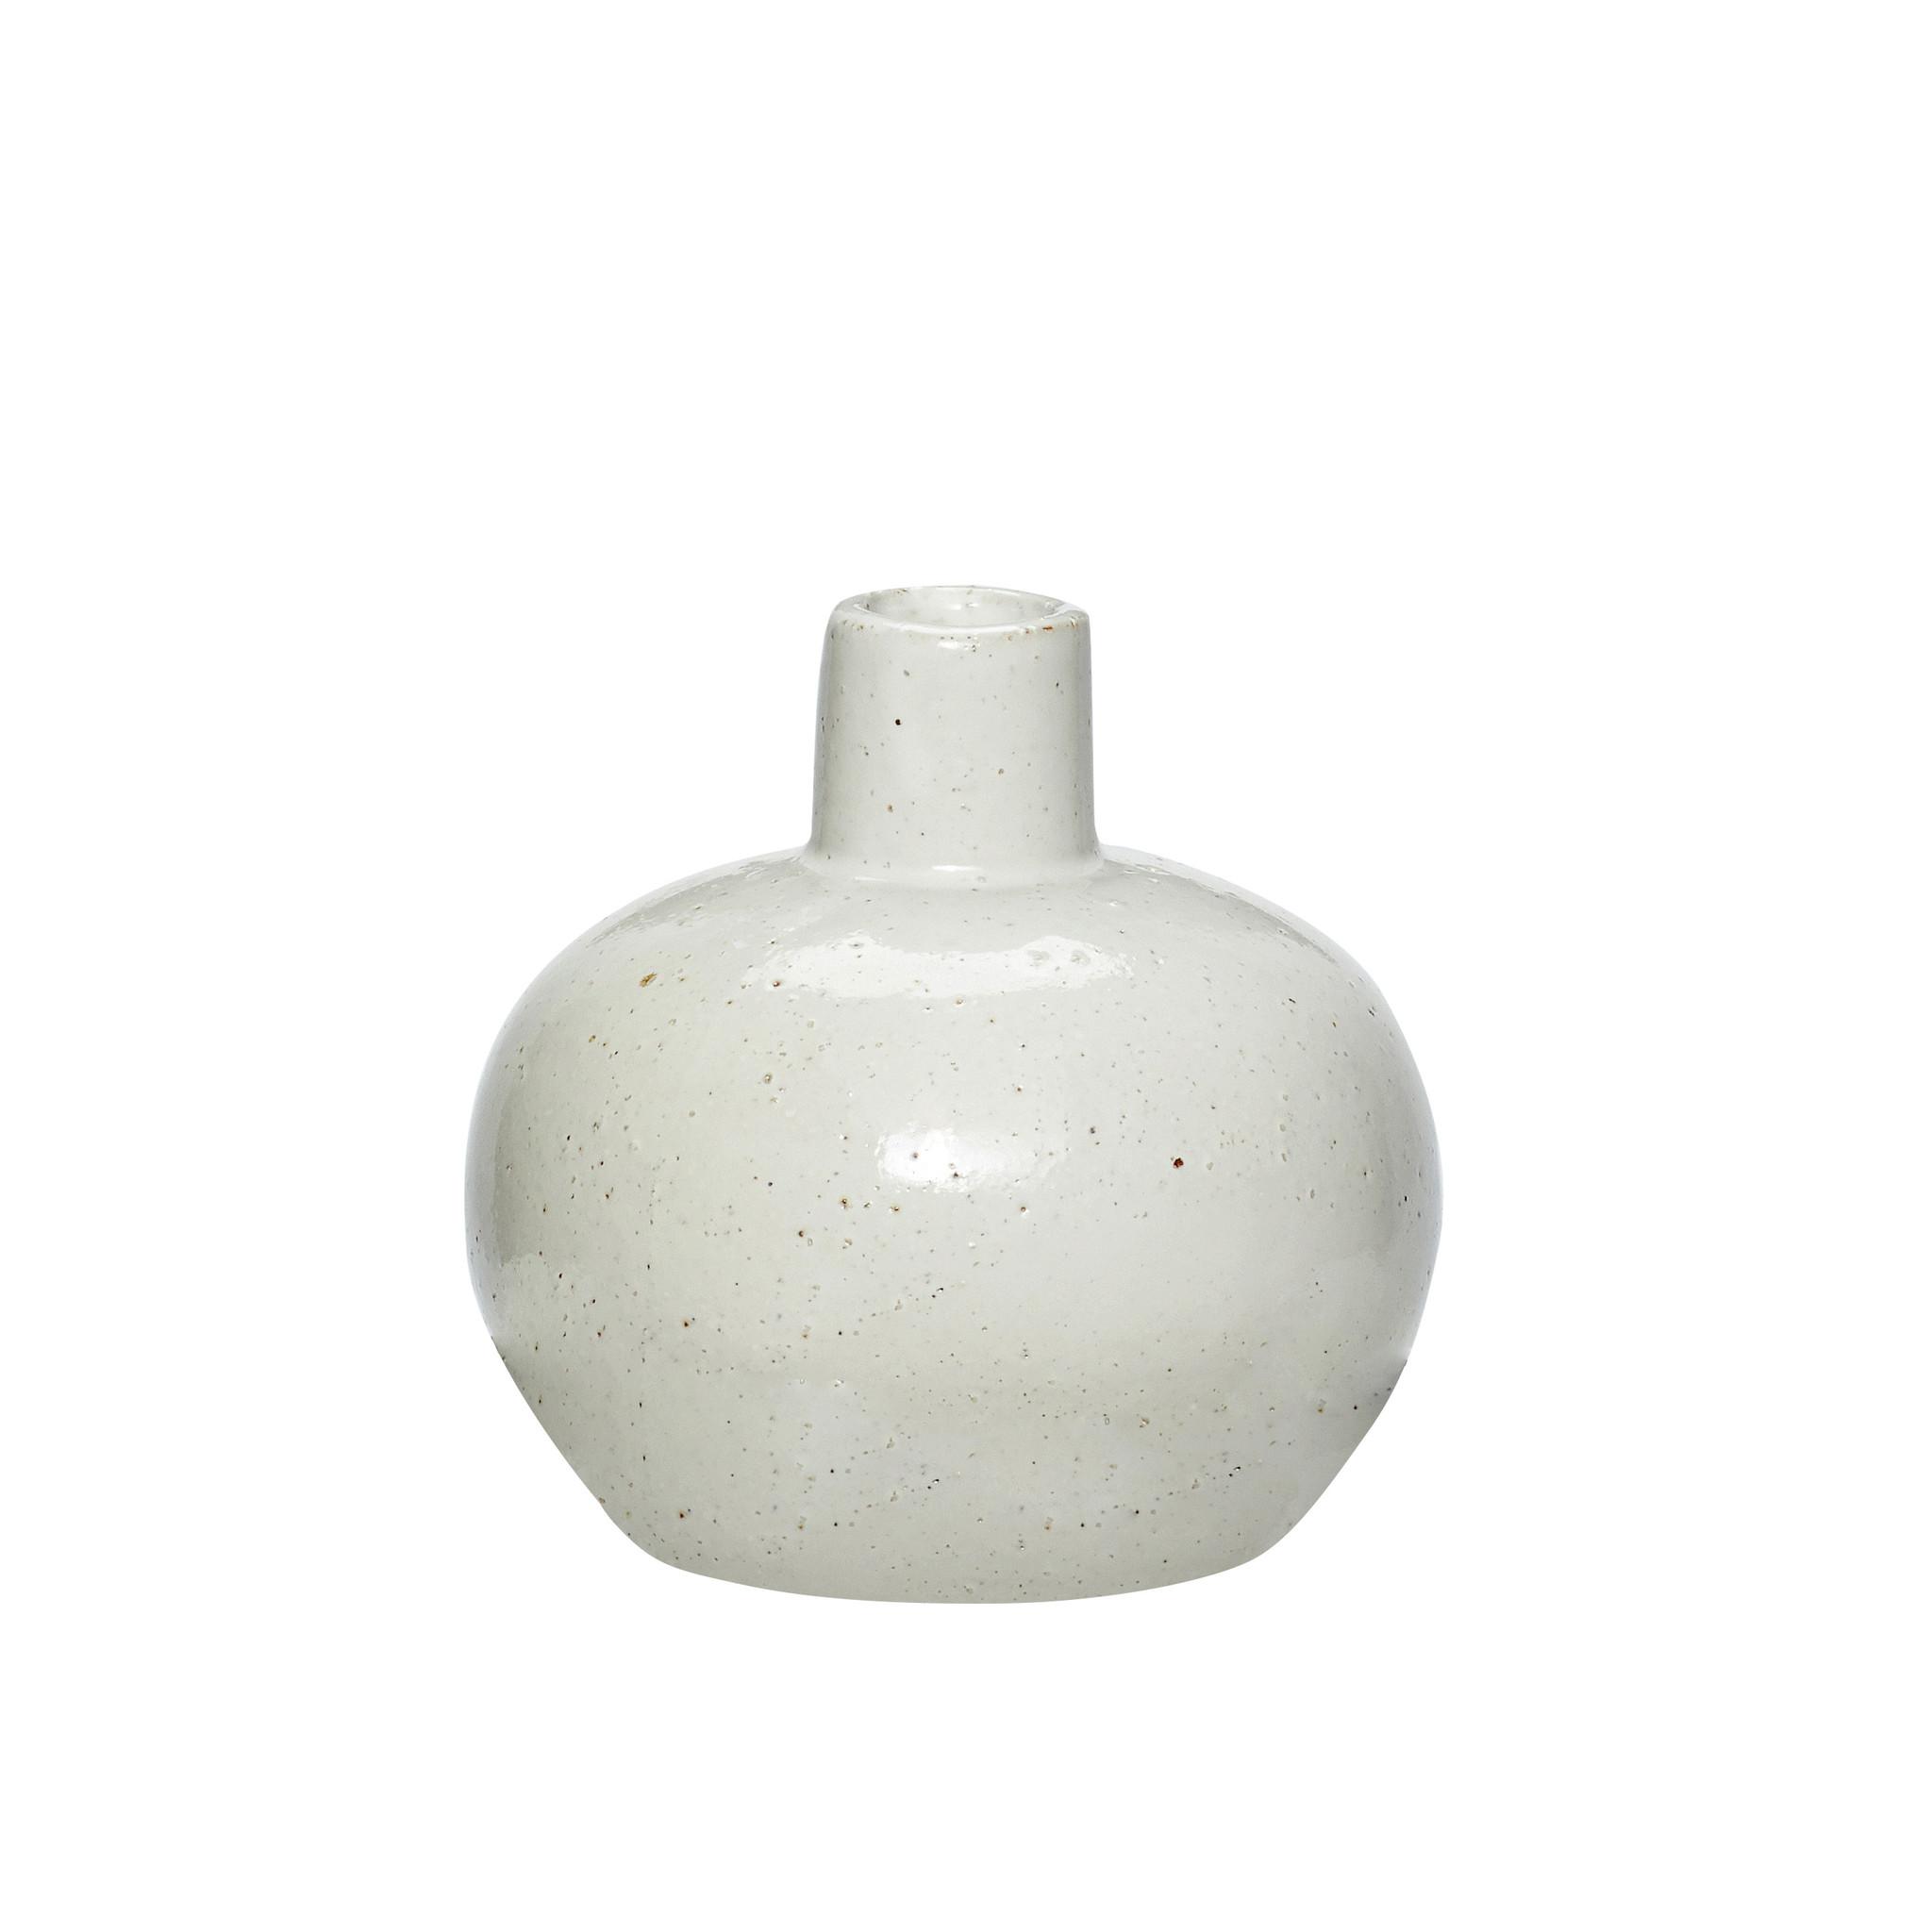 Hubsch Vaas, porselein, wit / natuur-640215-5712772046845